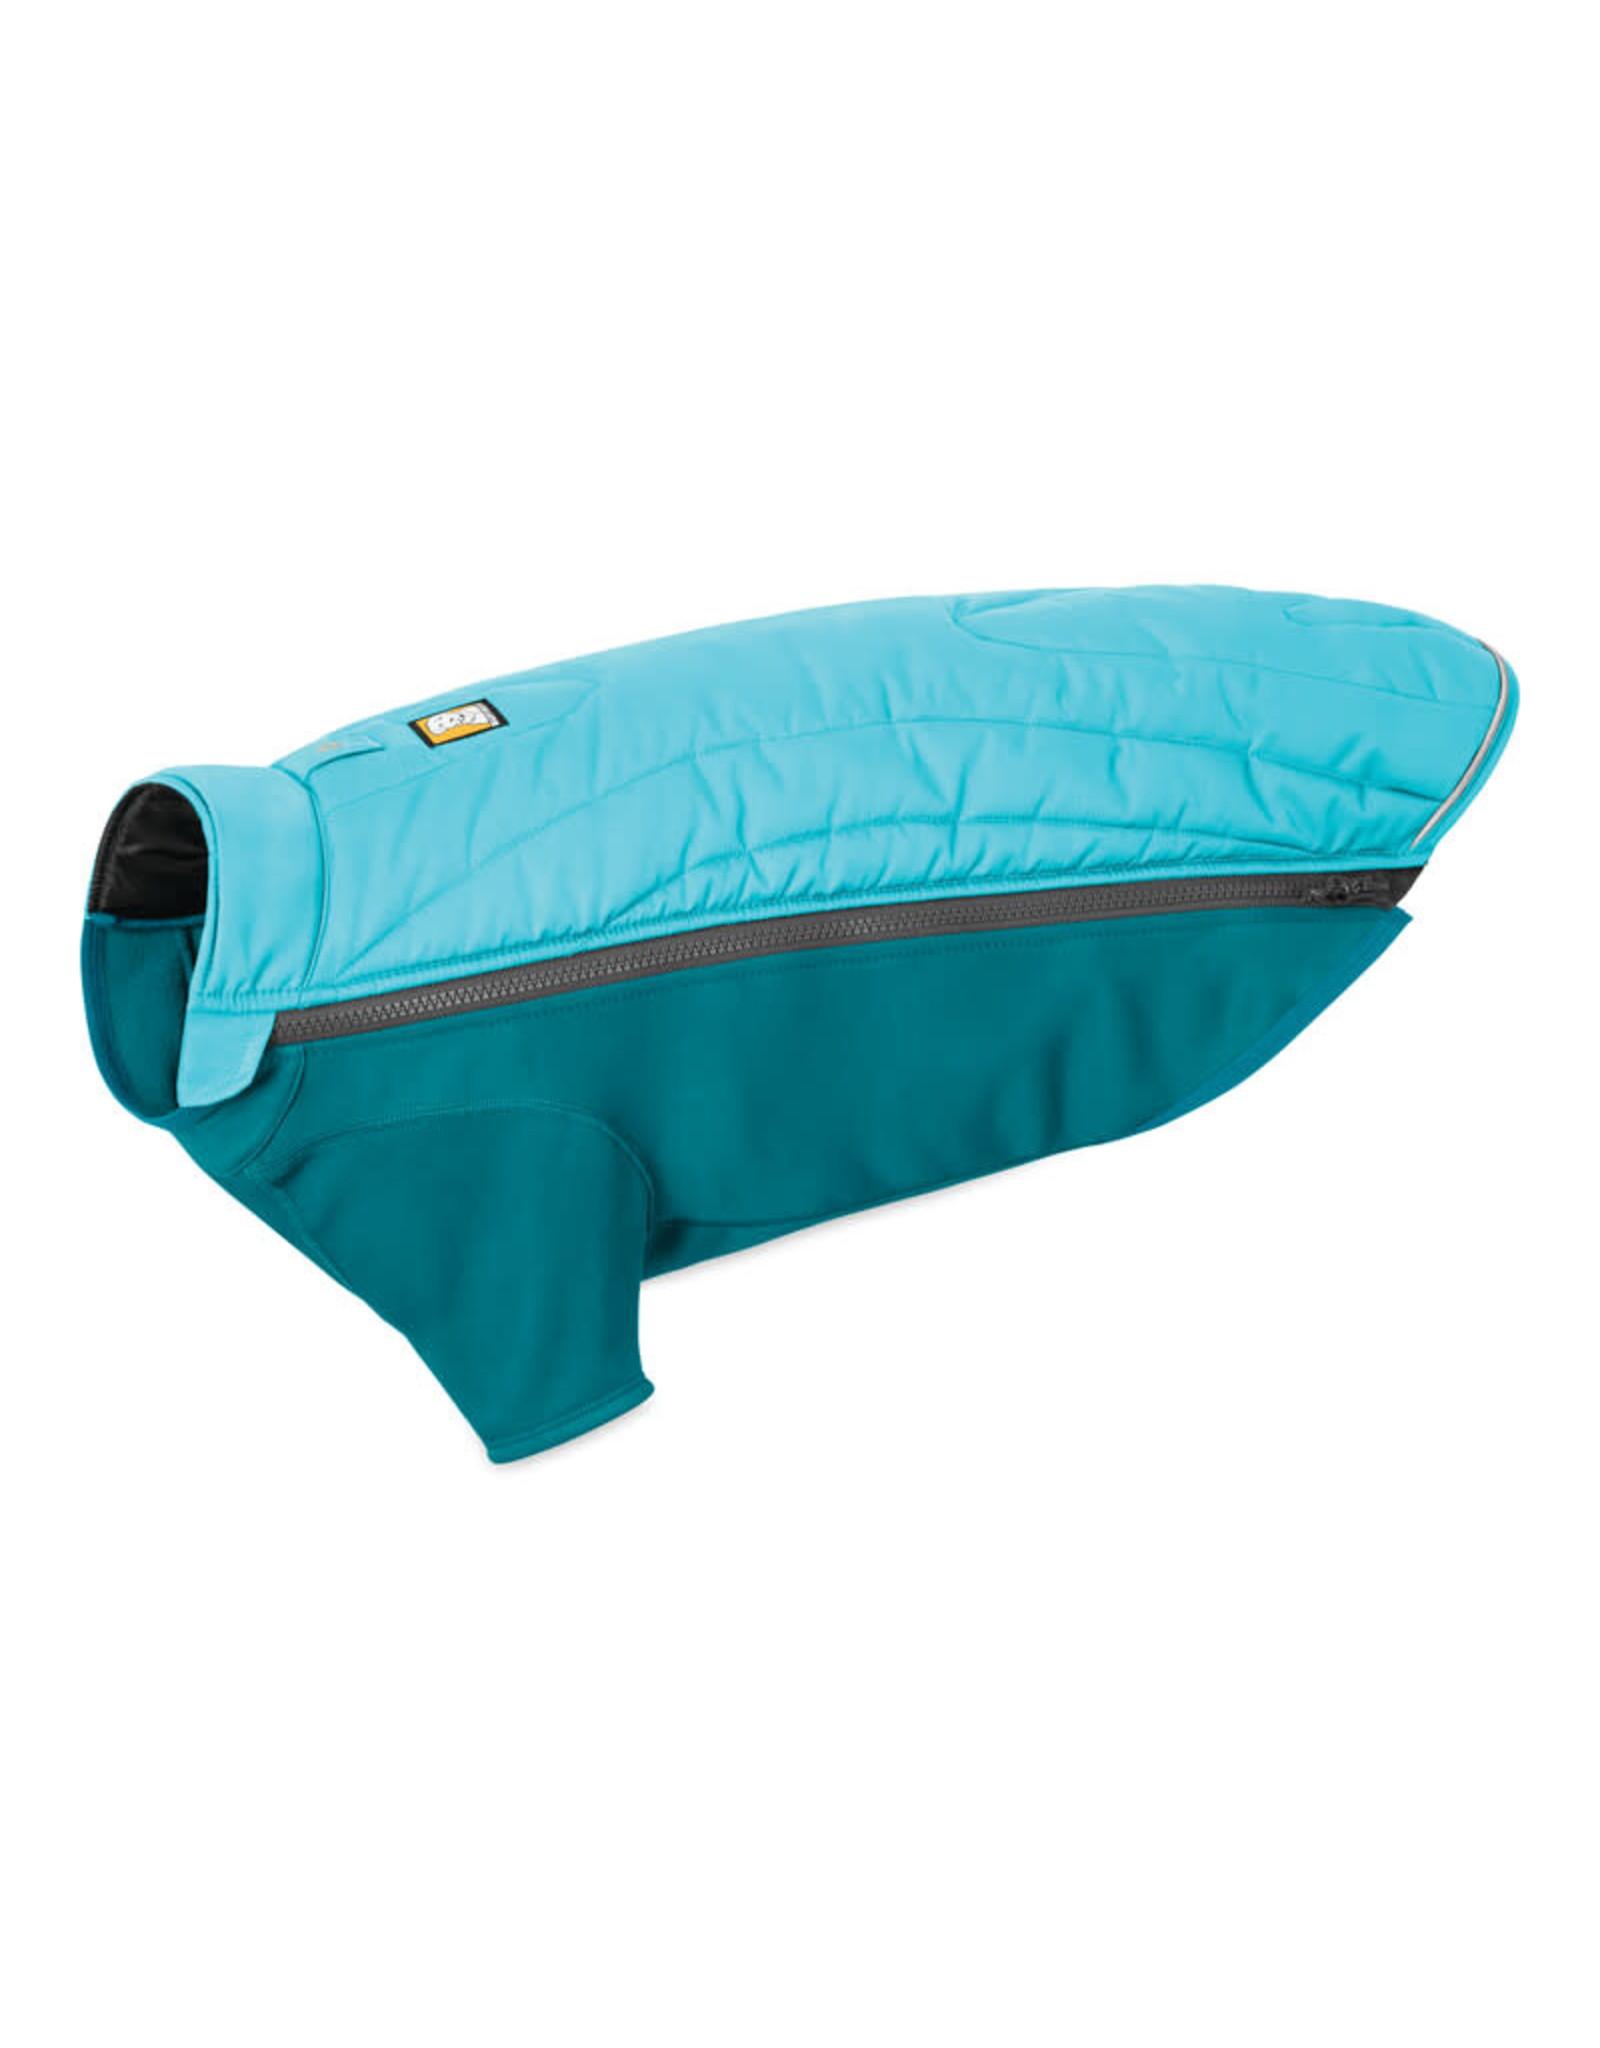 Ruffwear Powder Hound Jacket: Blue Atoll, XS